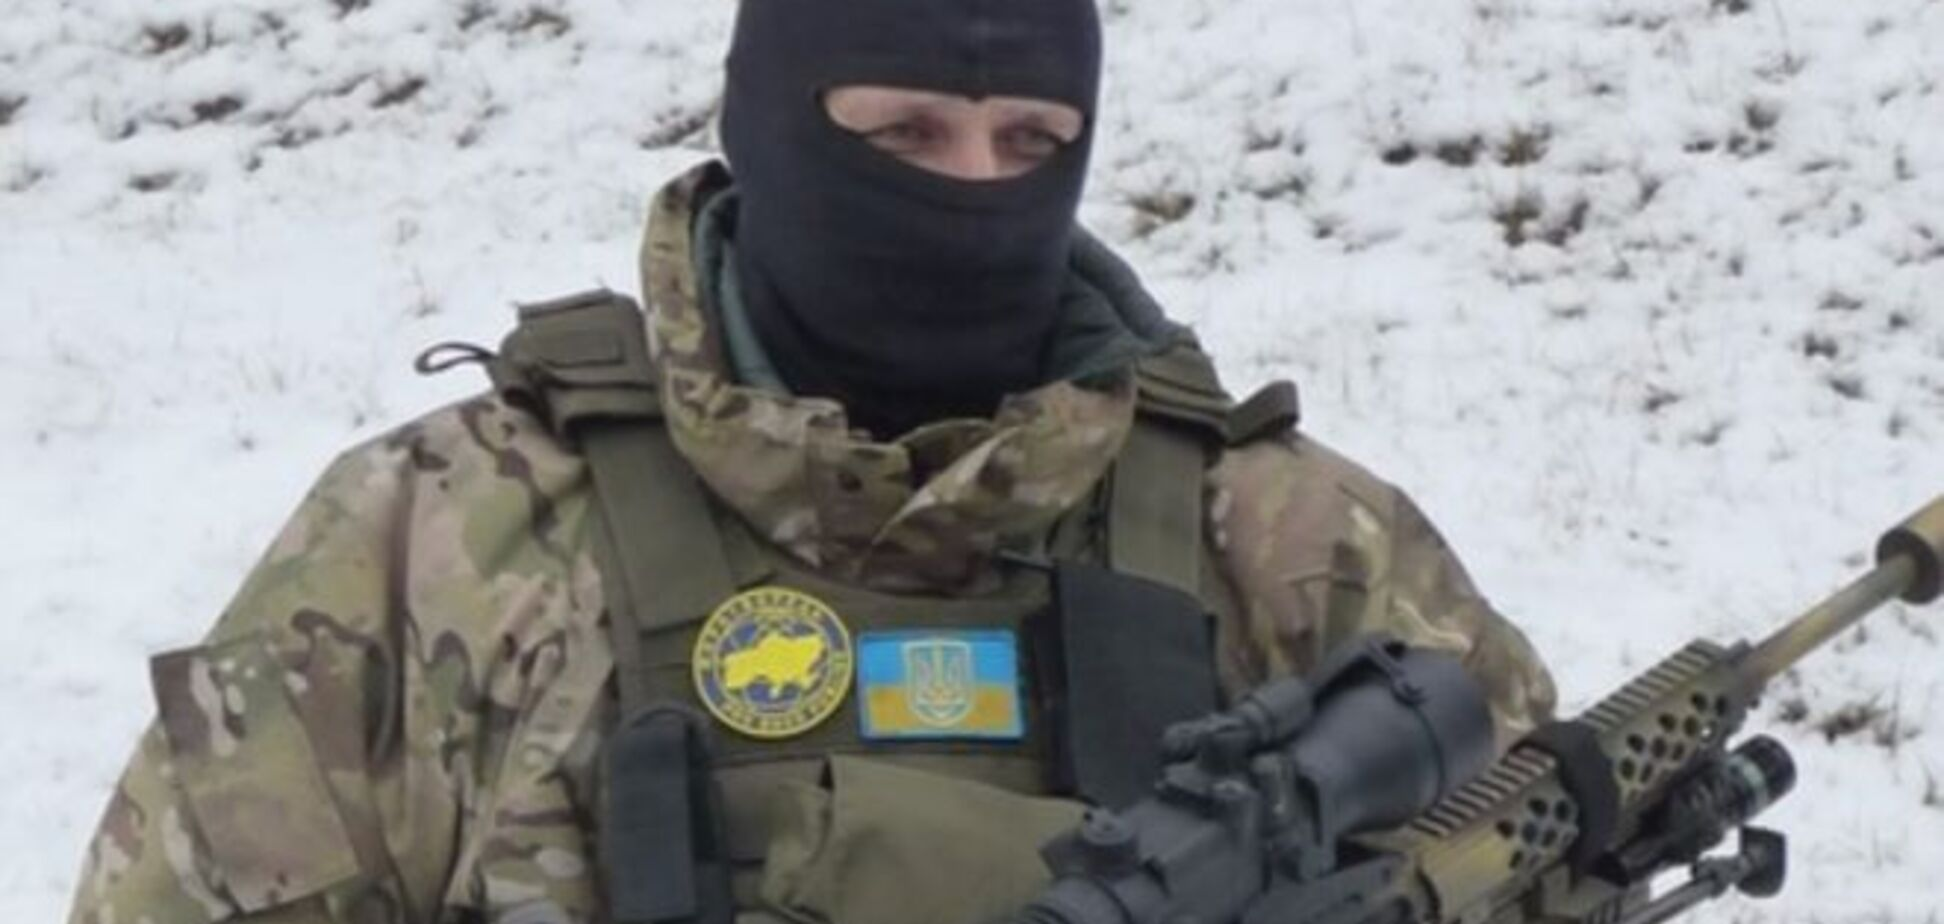 Офицер 'Альфы' рассказал, почему провалился штурм здания СБУ в Луганске